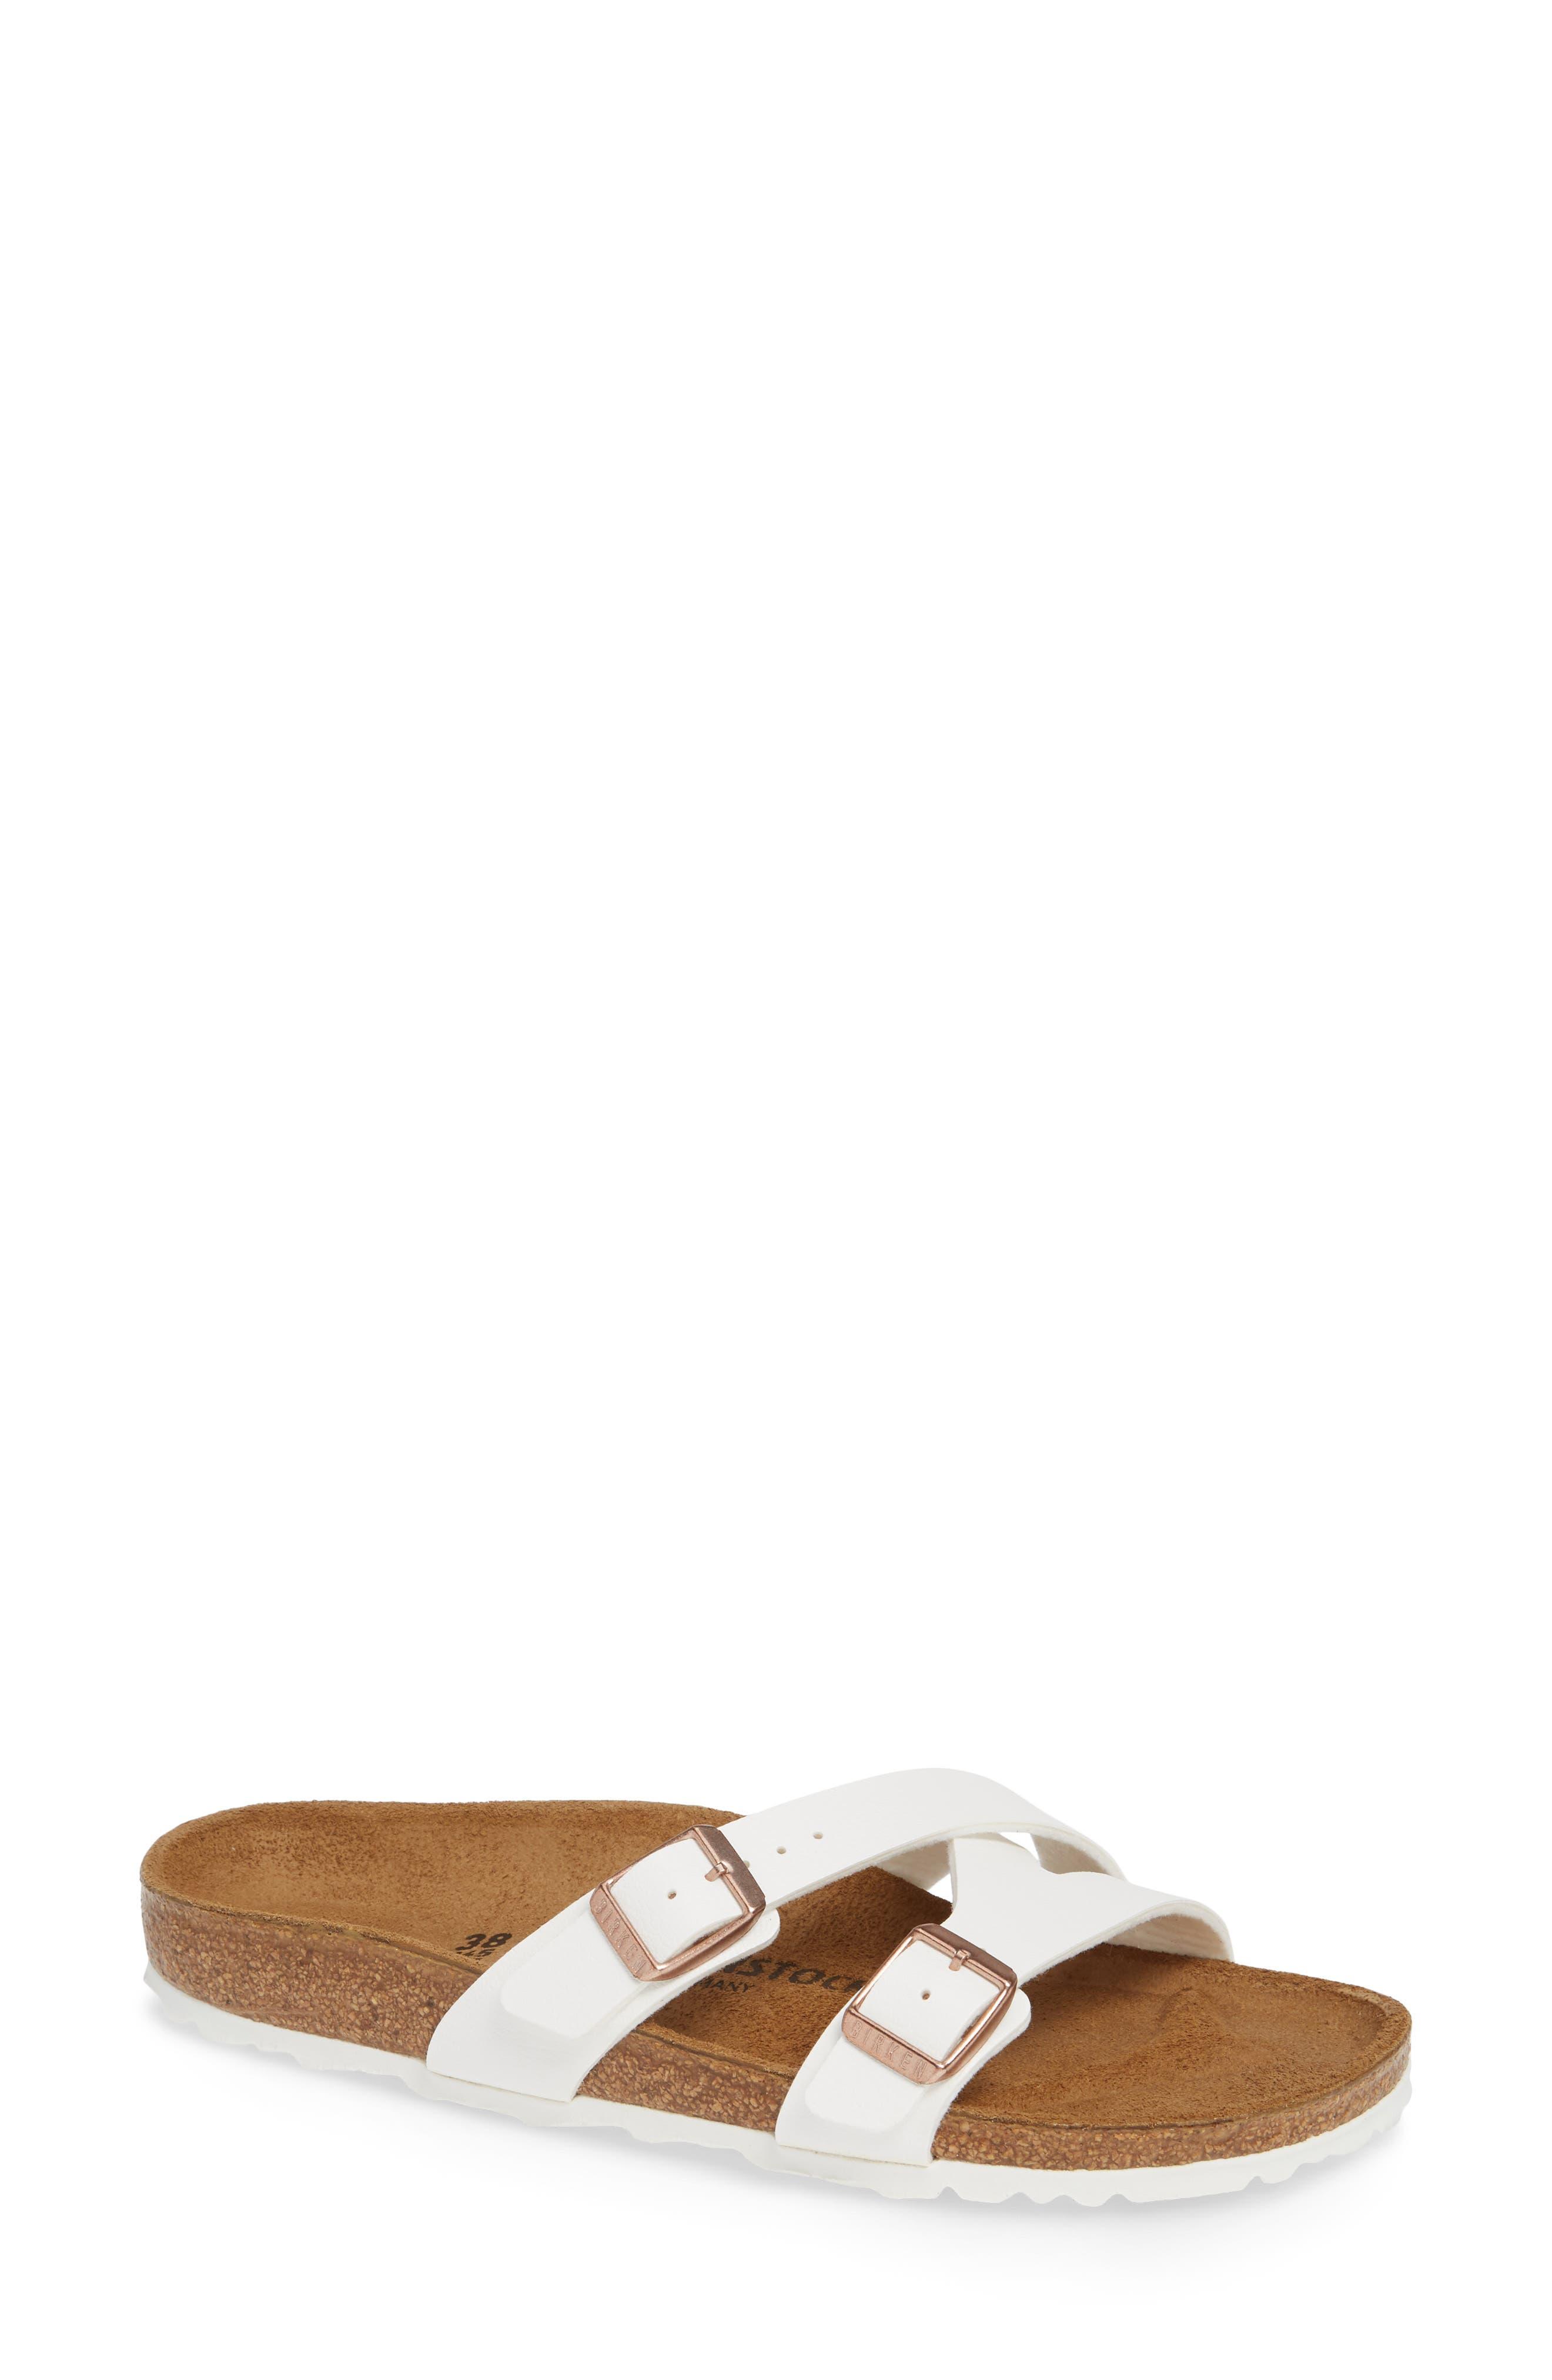 Birkenstock Slippers Yao Slide Sandal